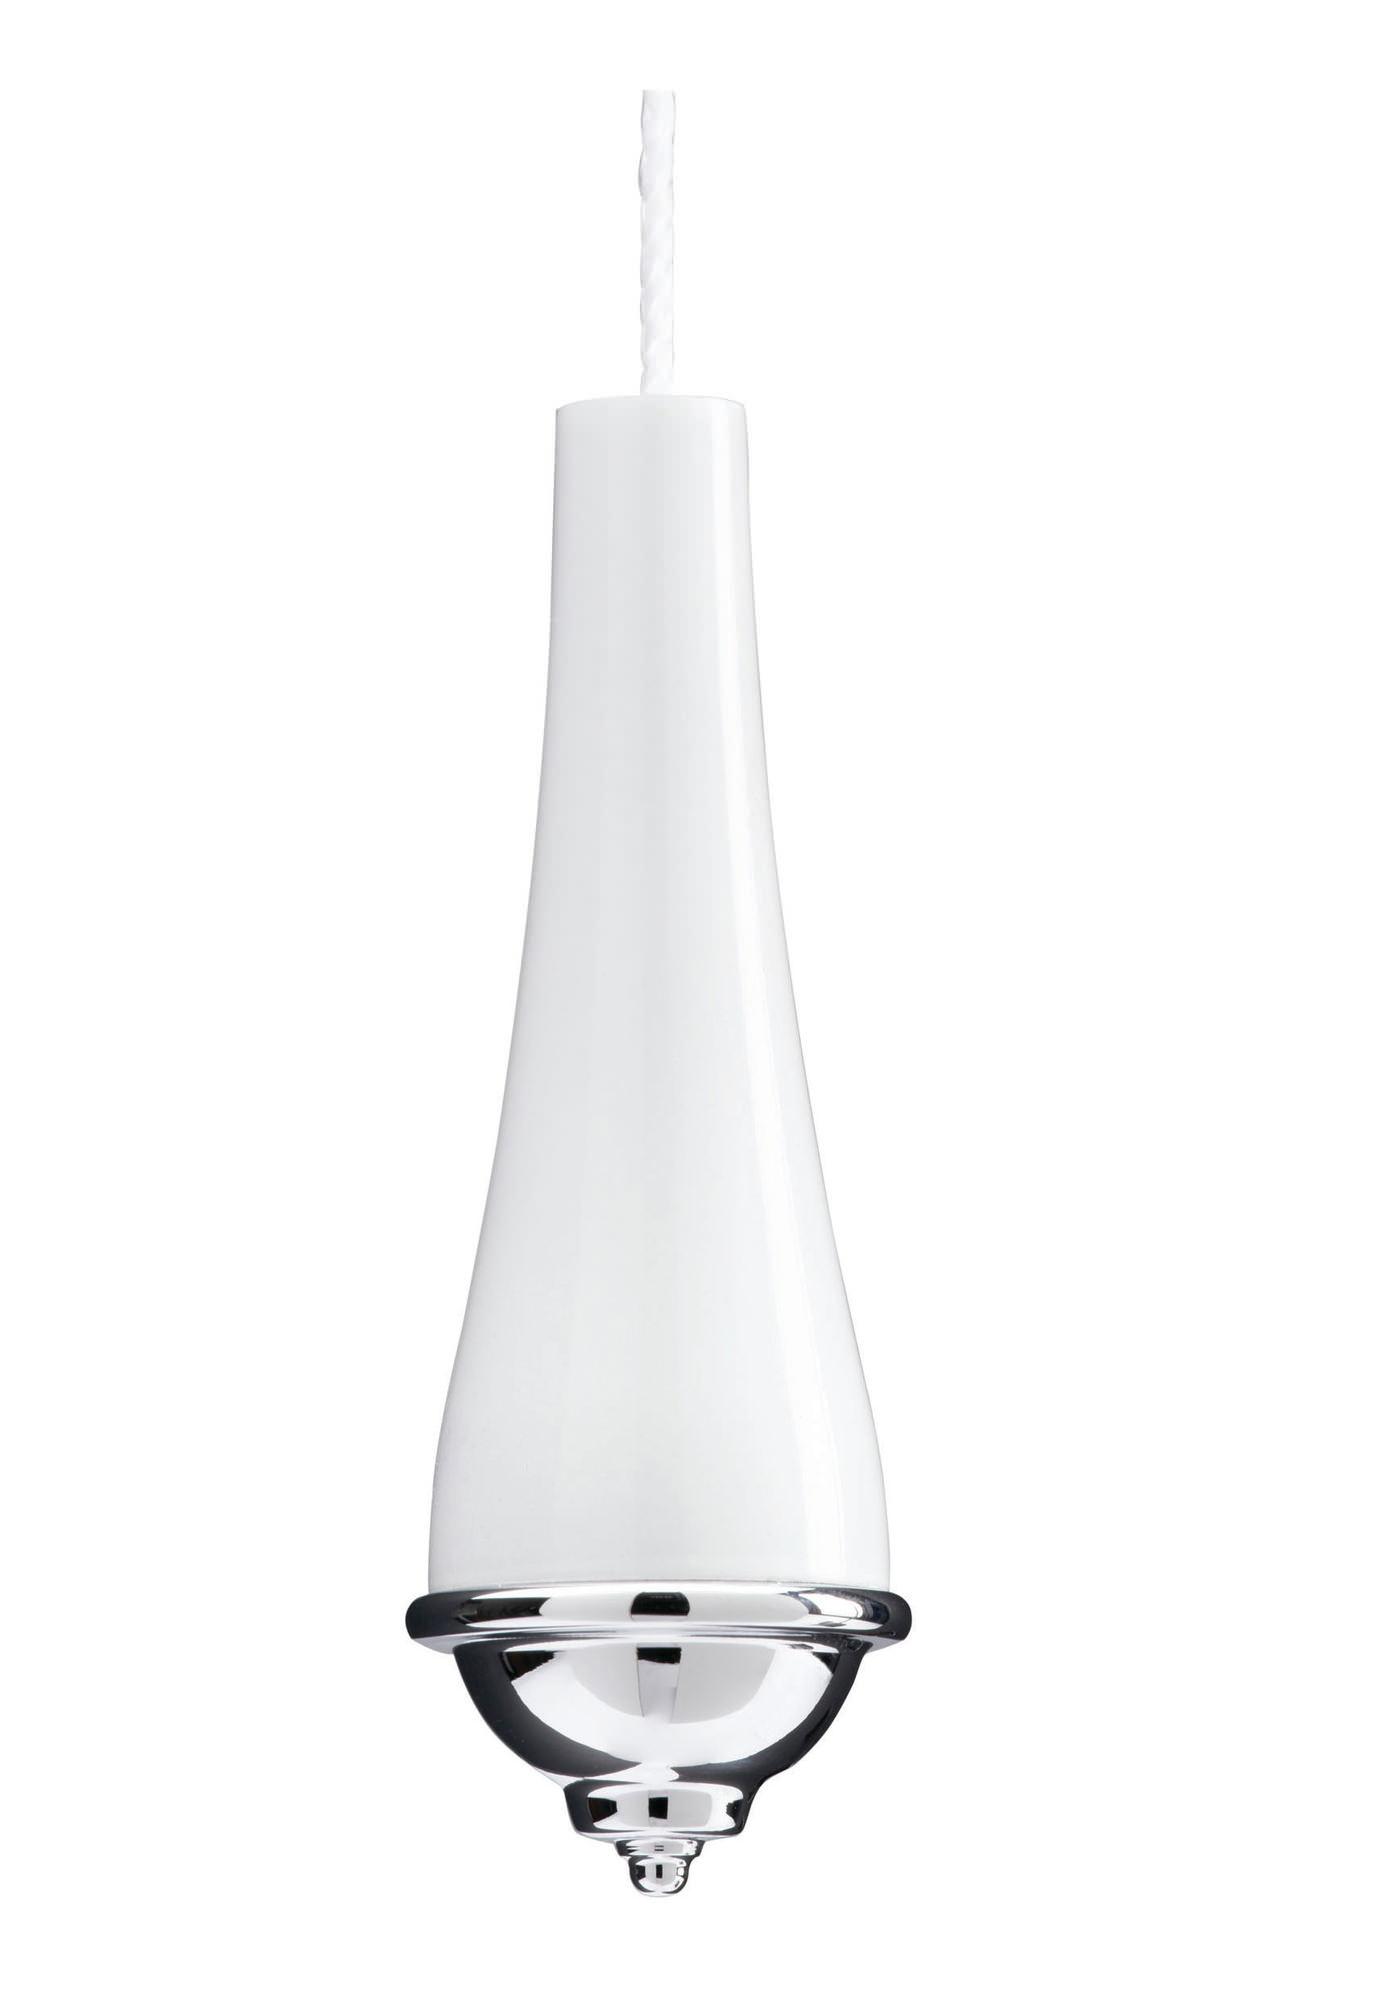 Croydex Classic Ceramic Light Pull Aj177641